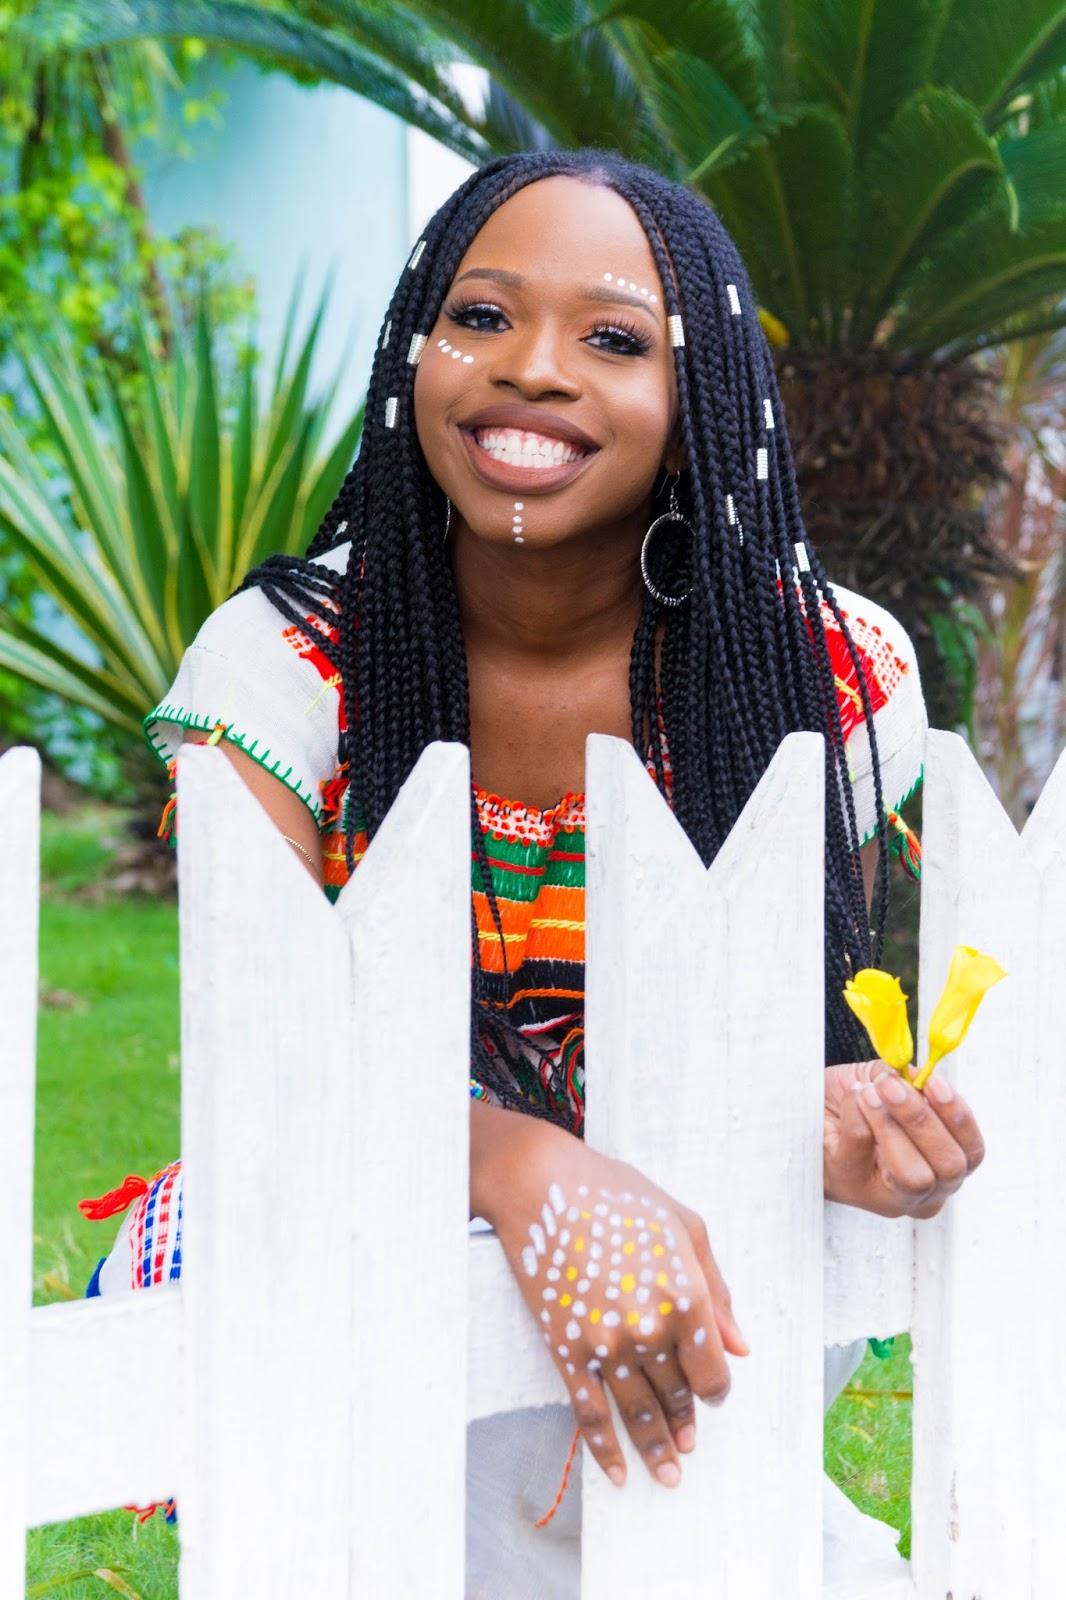 fulani female outfit